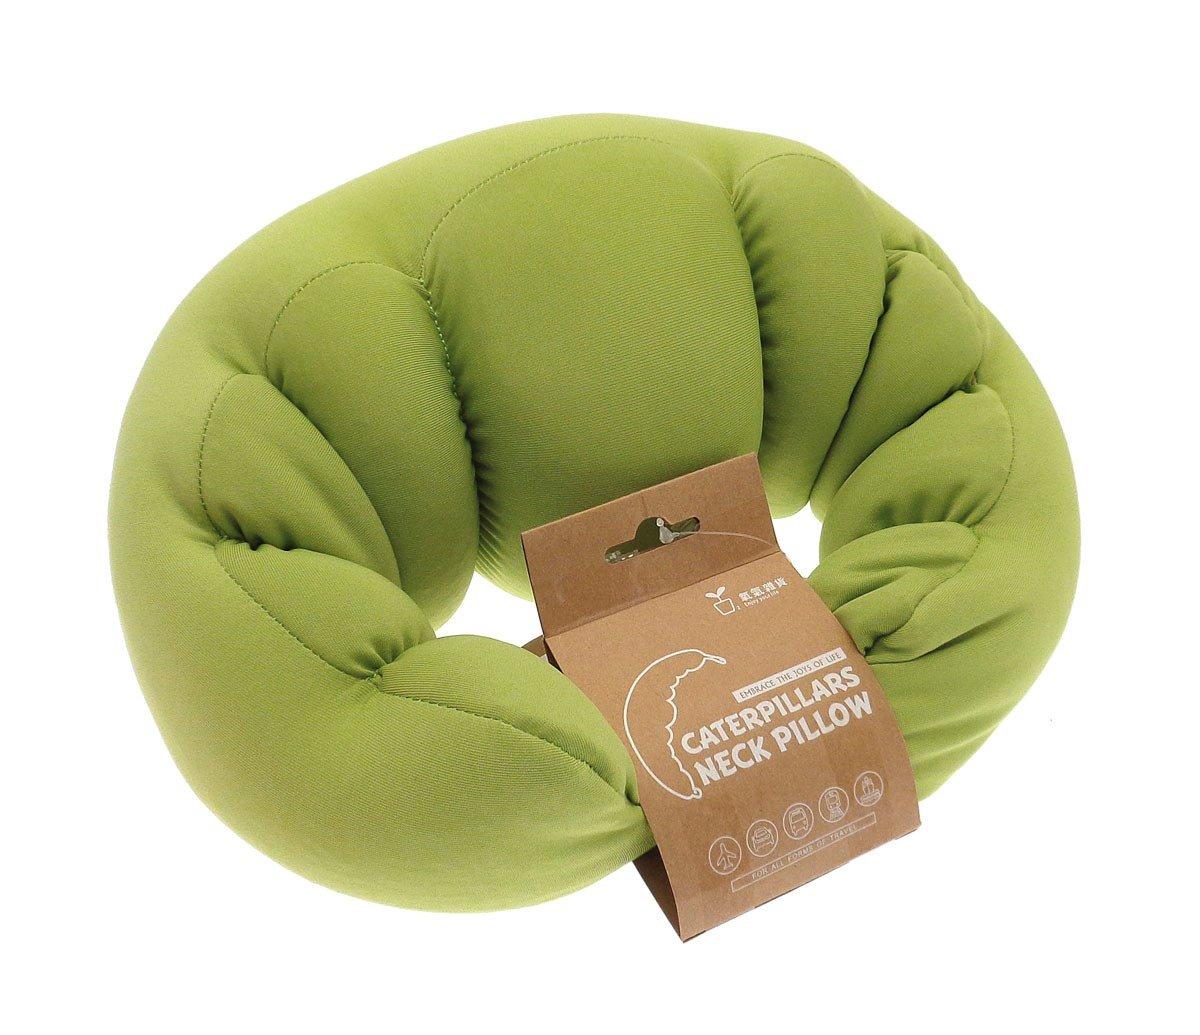 Amazon.com: Diseño de Gusano almohada de viaje/almohada para ...